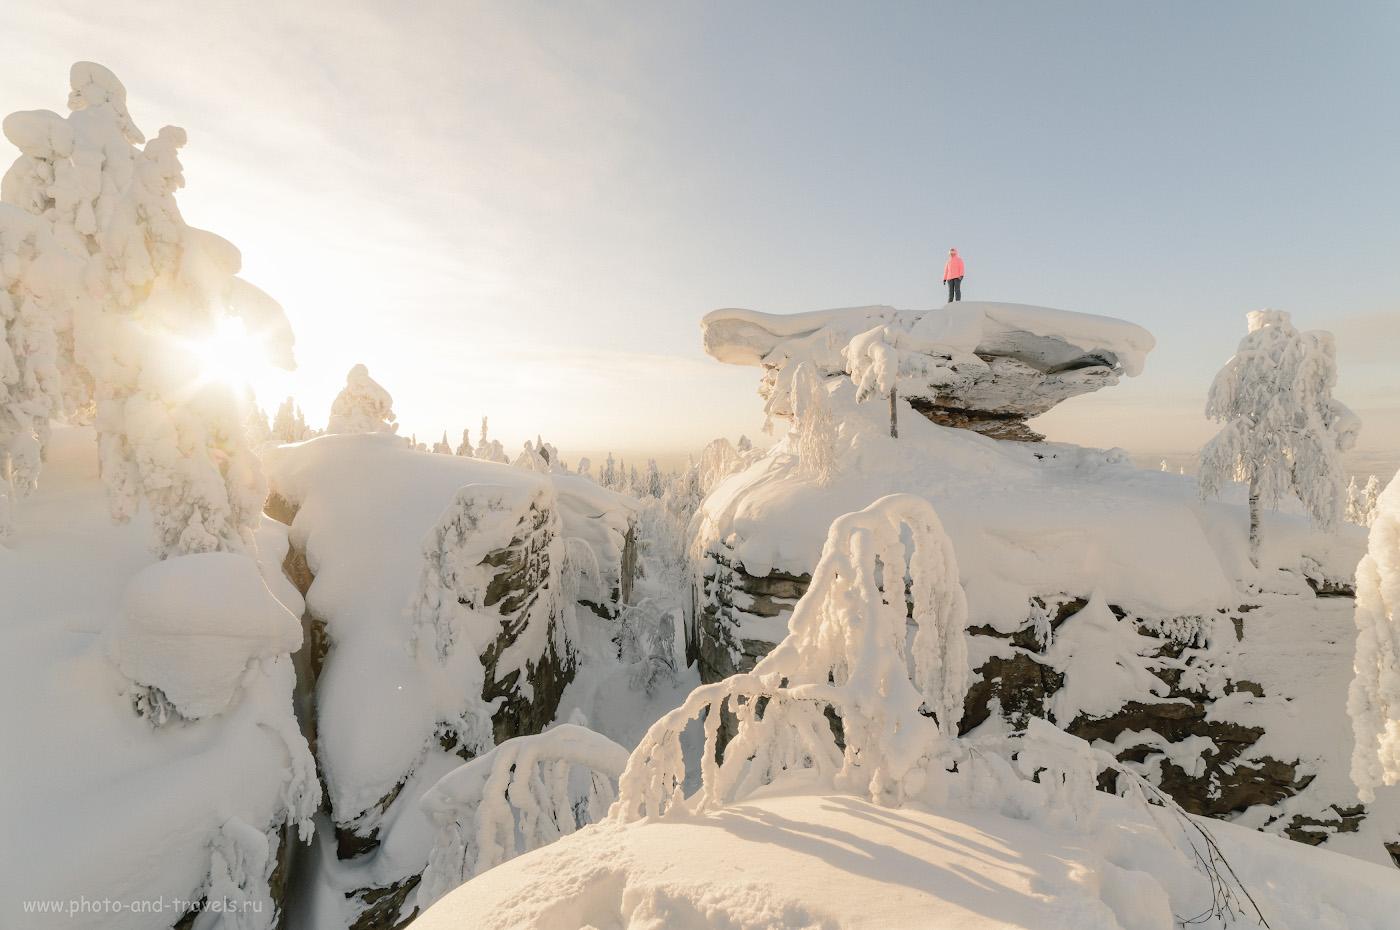 27. Туристка на вершине одного из «домов» в Каменном городе. Как и гора Крестовая, эти скалы находятся на вершине хребта Рудянский спой. 1/250, 14.0, 320, +0.67, 14.